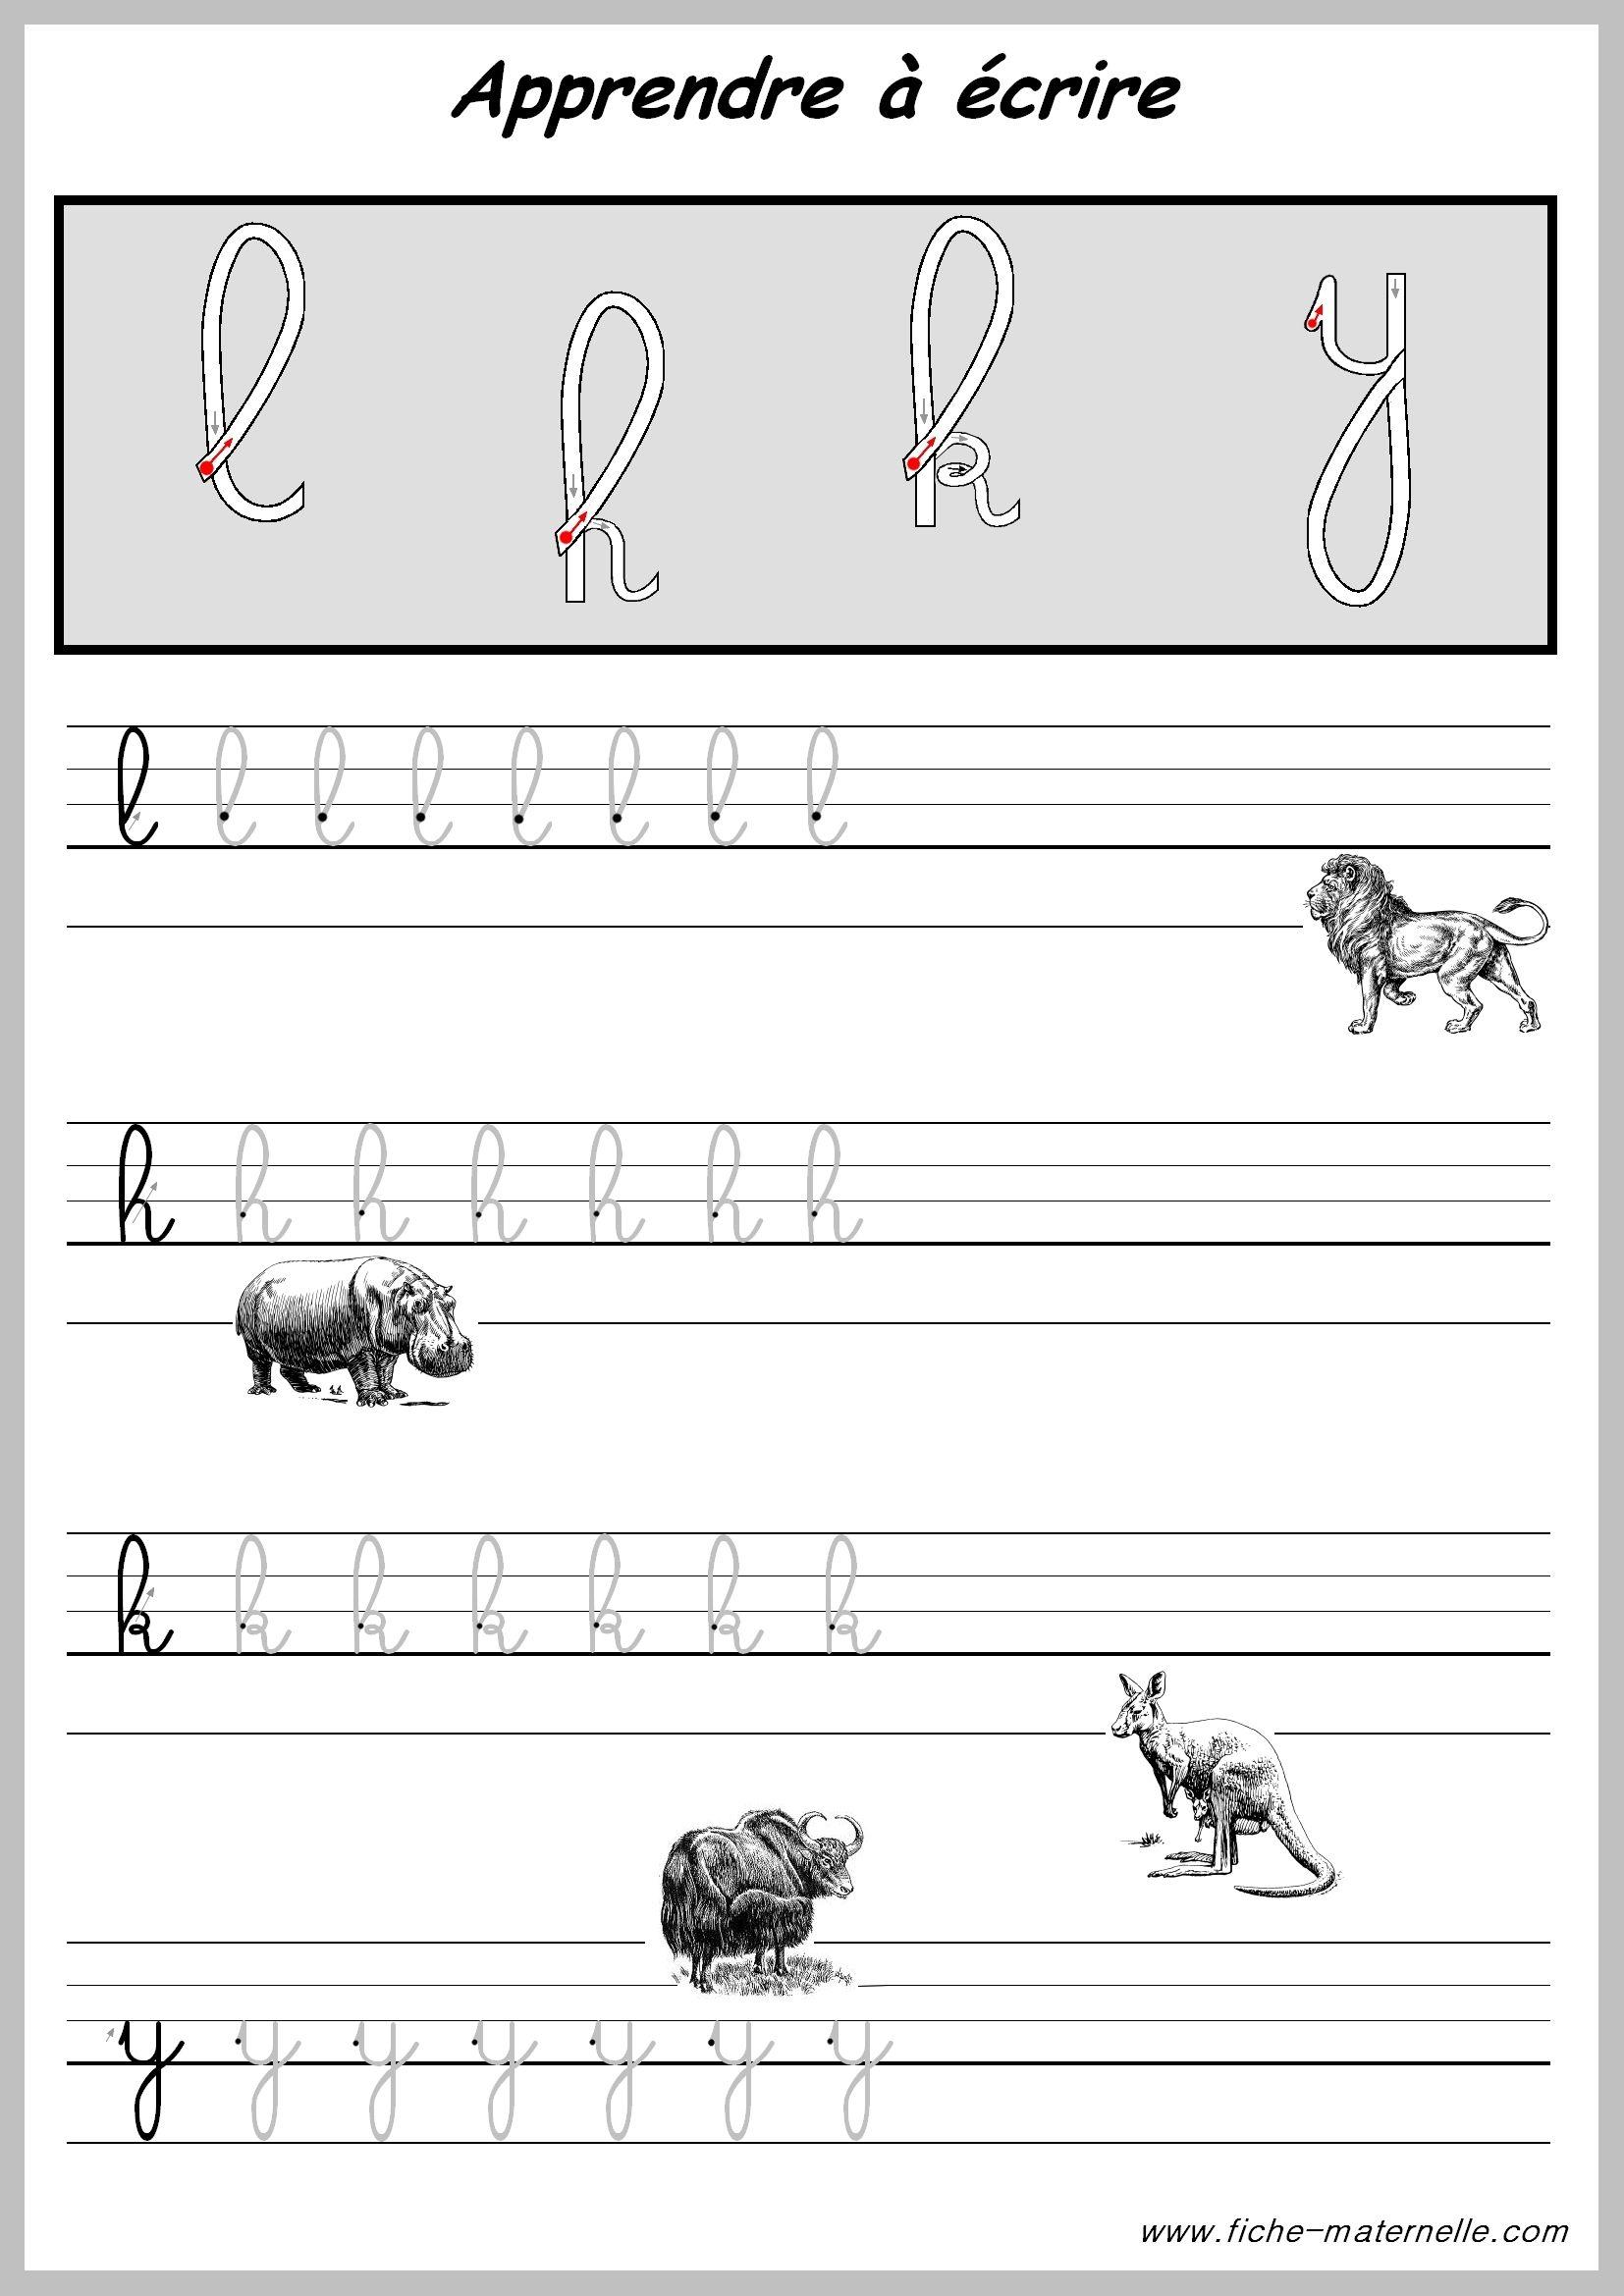 Exercices pour apprendre a ecrire les lettres pinterest pour - Apprendre a broder des lettres ...